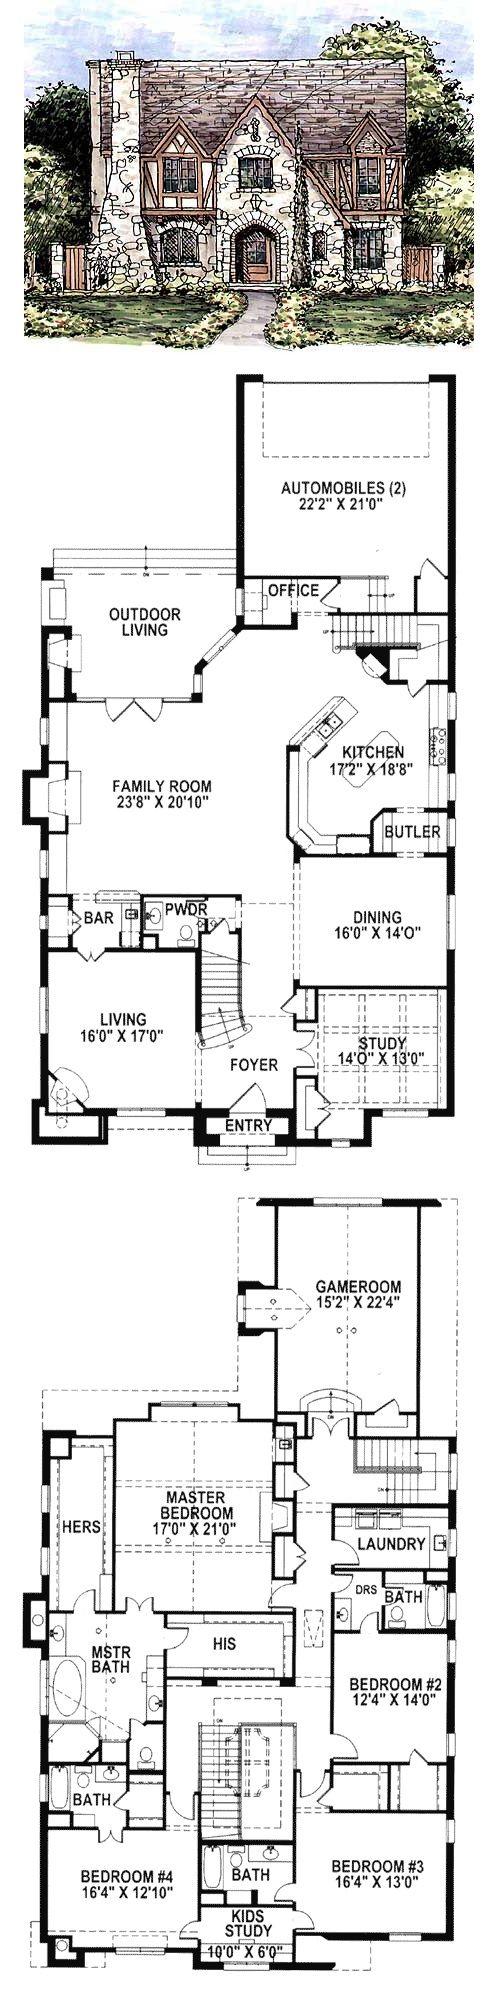 118 best dream home floor plans images on pinterest house